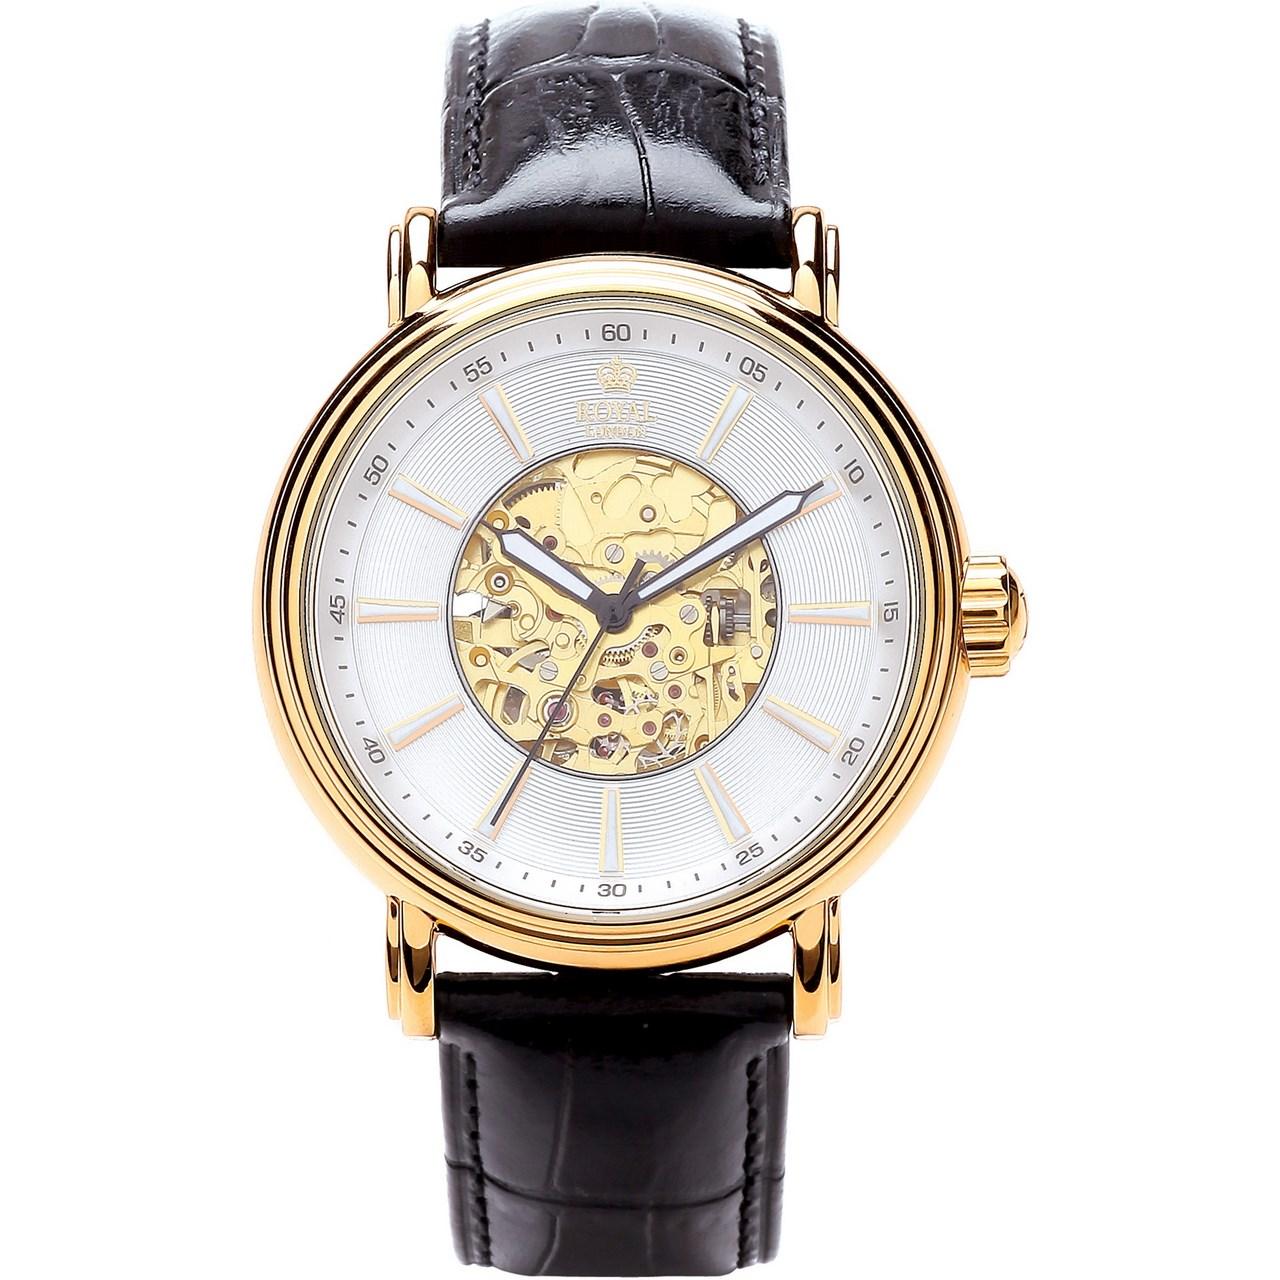 ساعت مچی عقربه ای مردانه رویال لندن مدل RL-41145-02 45